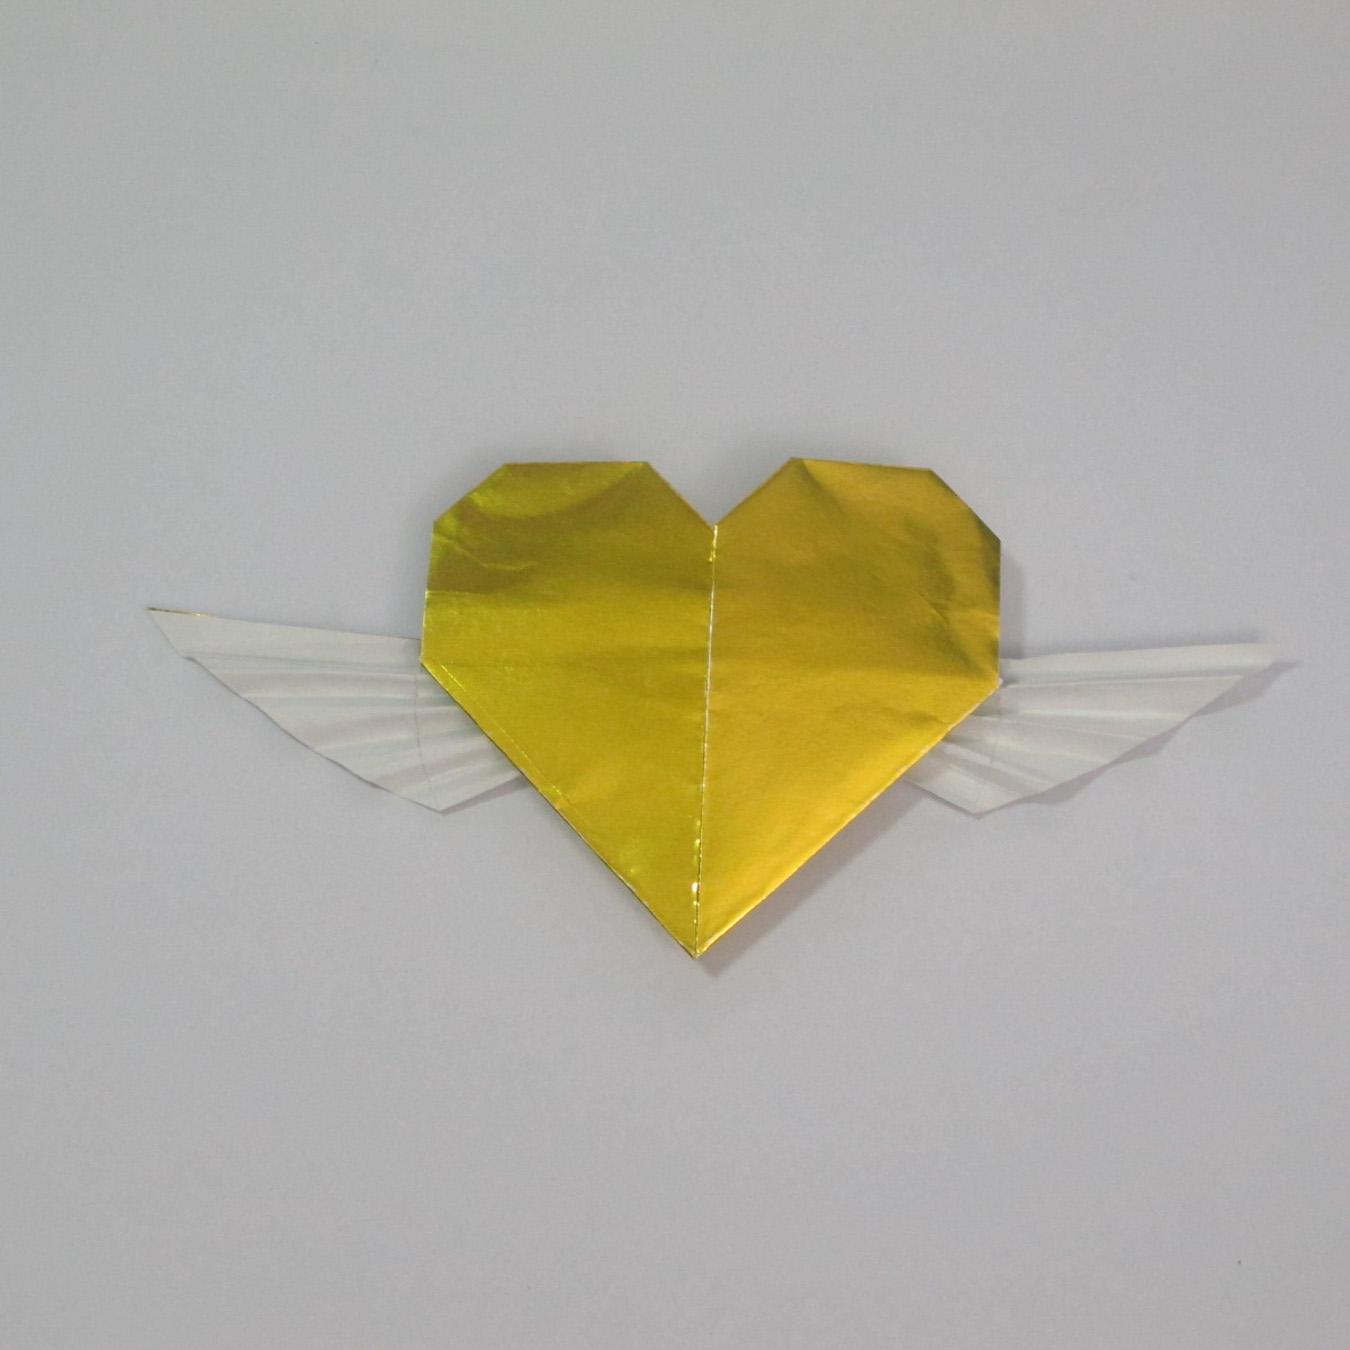 วิธีพับกระดาษเป็นรูปหัวใจติดปีก (Heart Wing Origami) 029